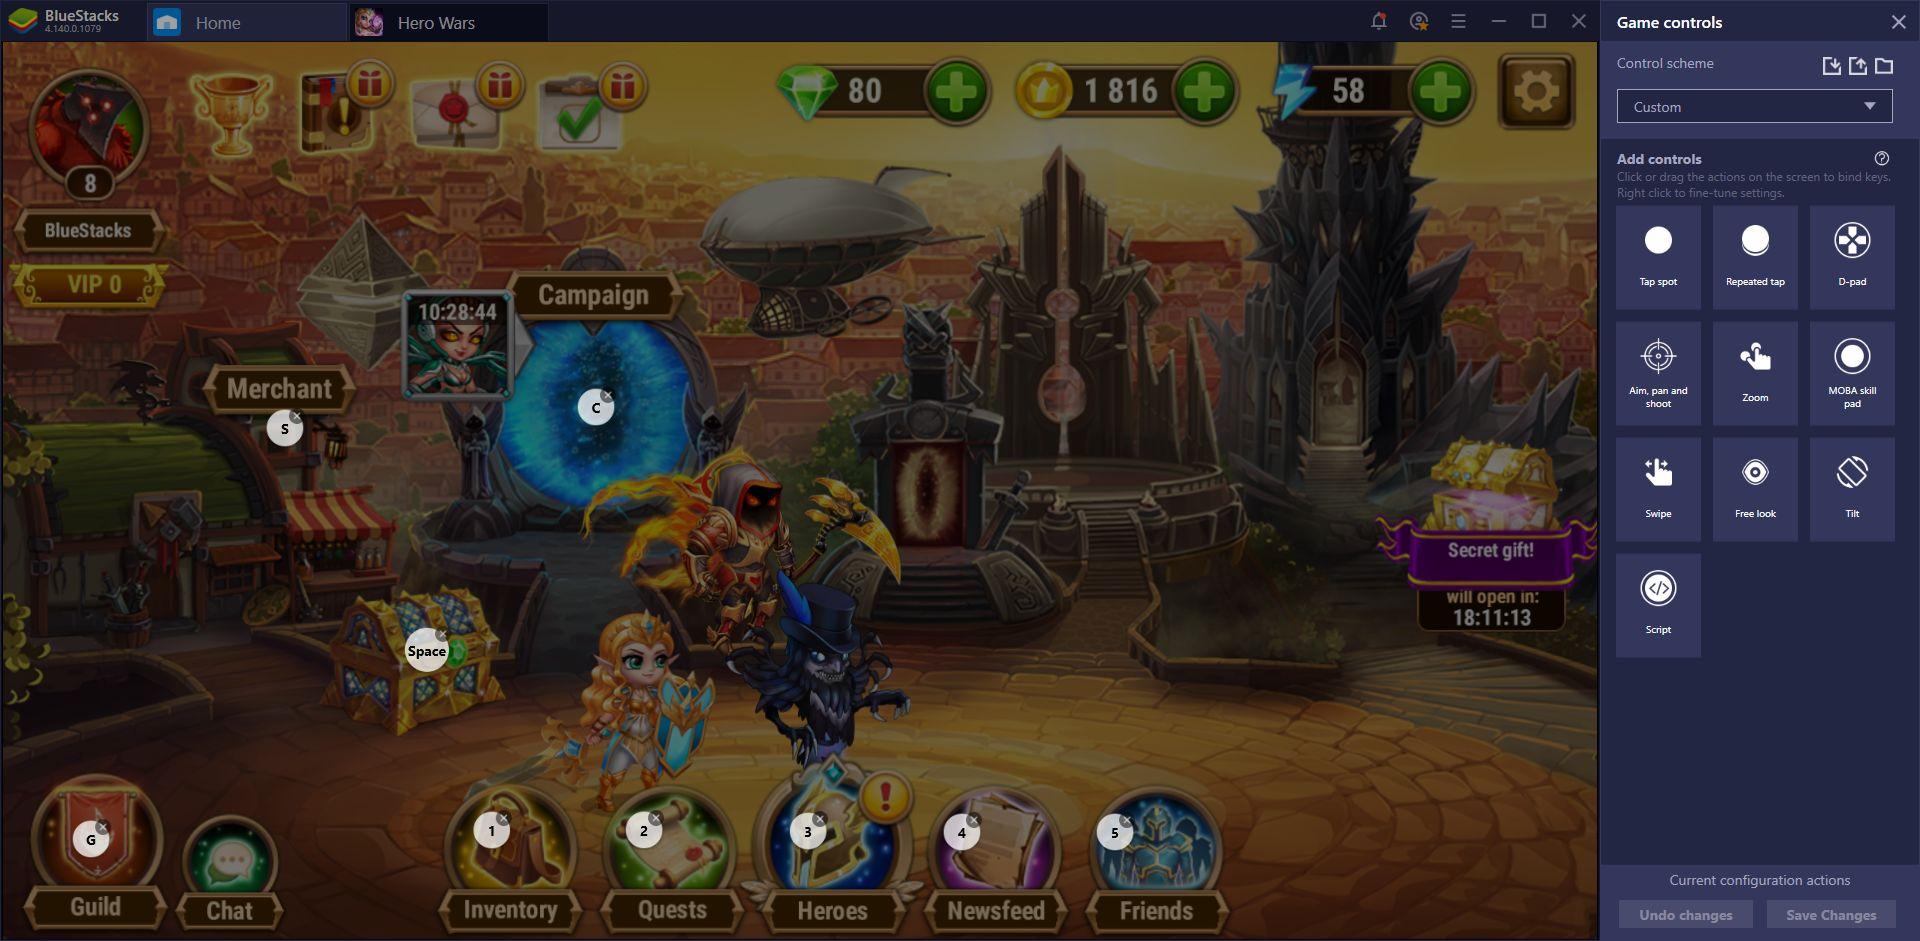 دليل BlueStacks لـ Hero Wars: اختيار الرجال الرائعين للعبة لعب الأدوار الخيالية على جهاز الكمبيوتر